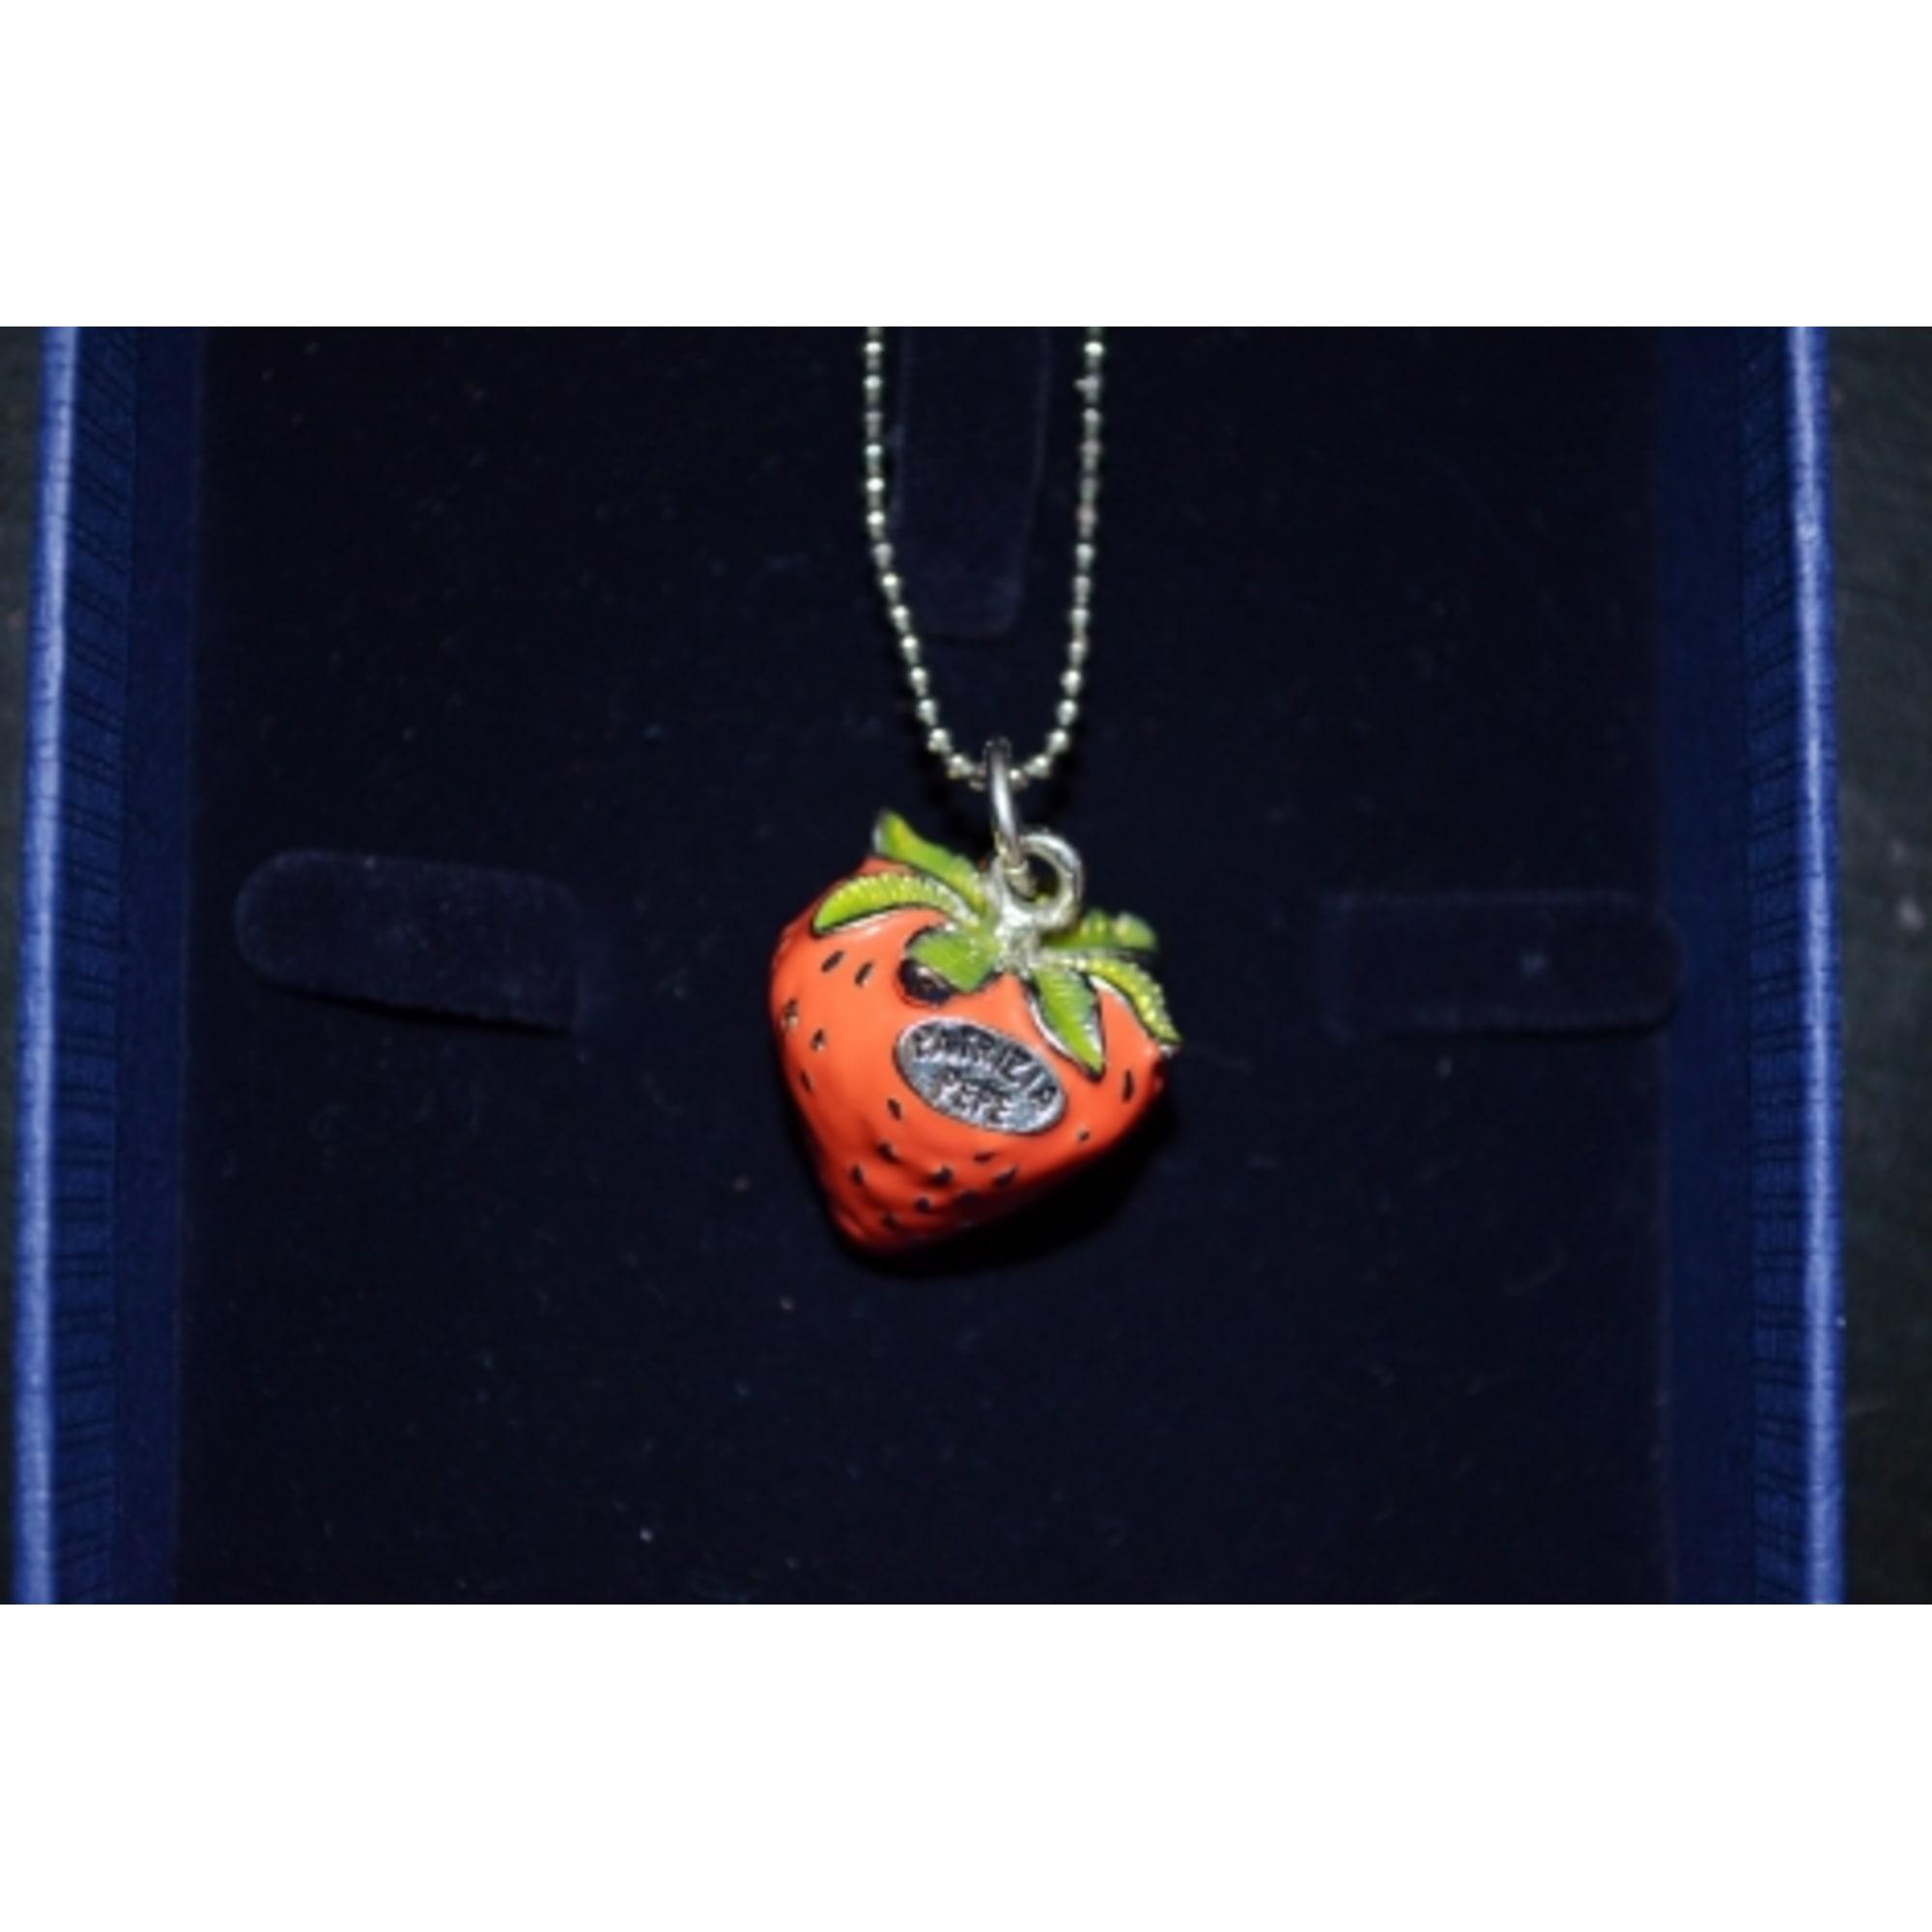 Pendentif, collier pendentif PATRIZIA PEPE rhodium rouge